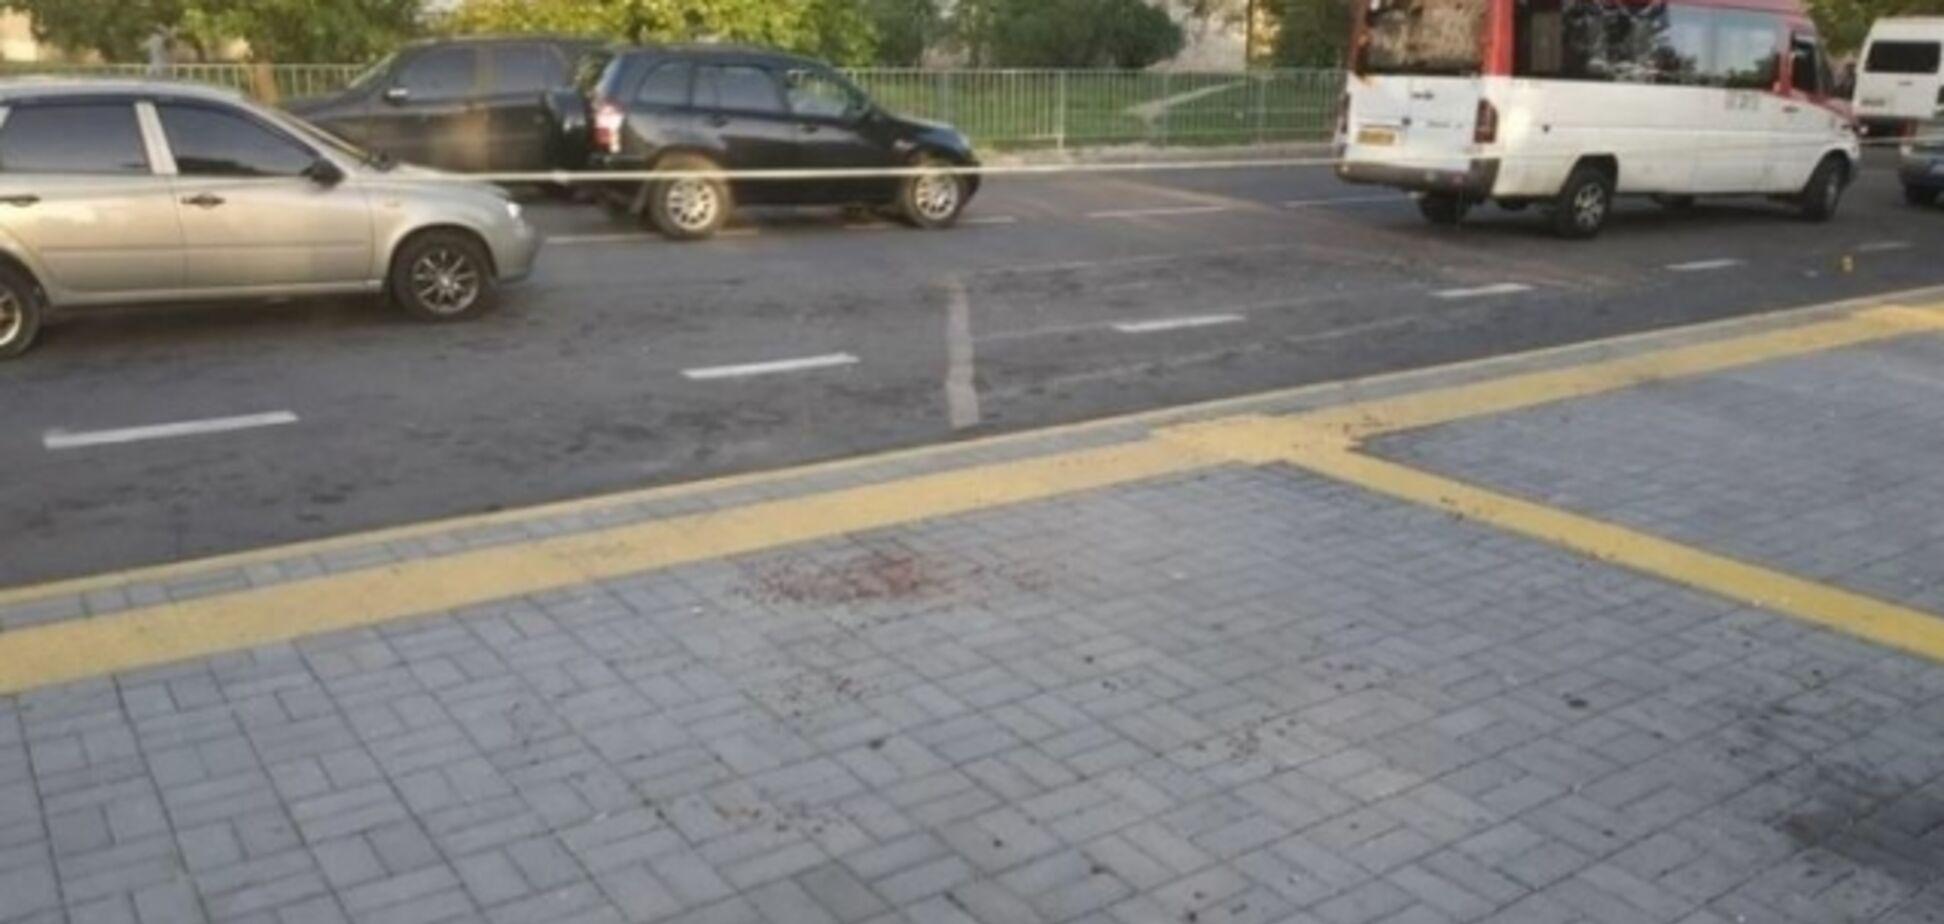 В Николаеве произошла стрельба на остановке: есть пострадавшие. Фото 18+